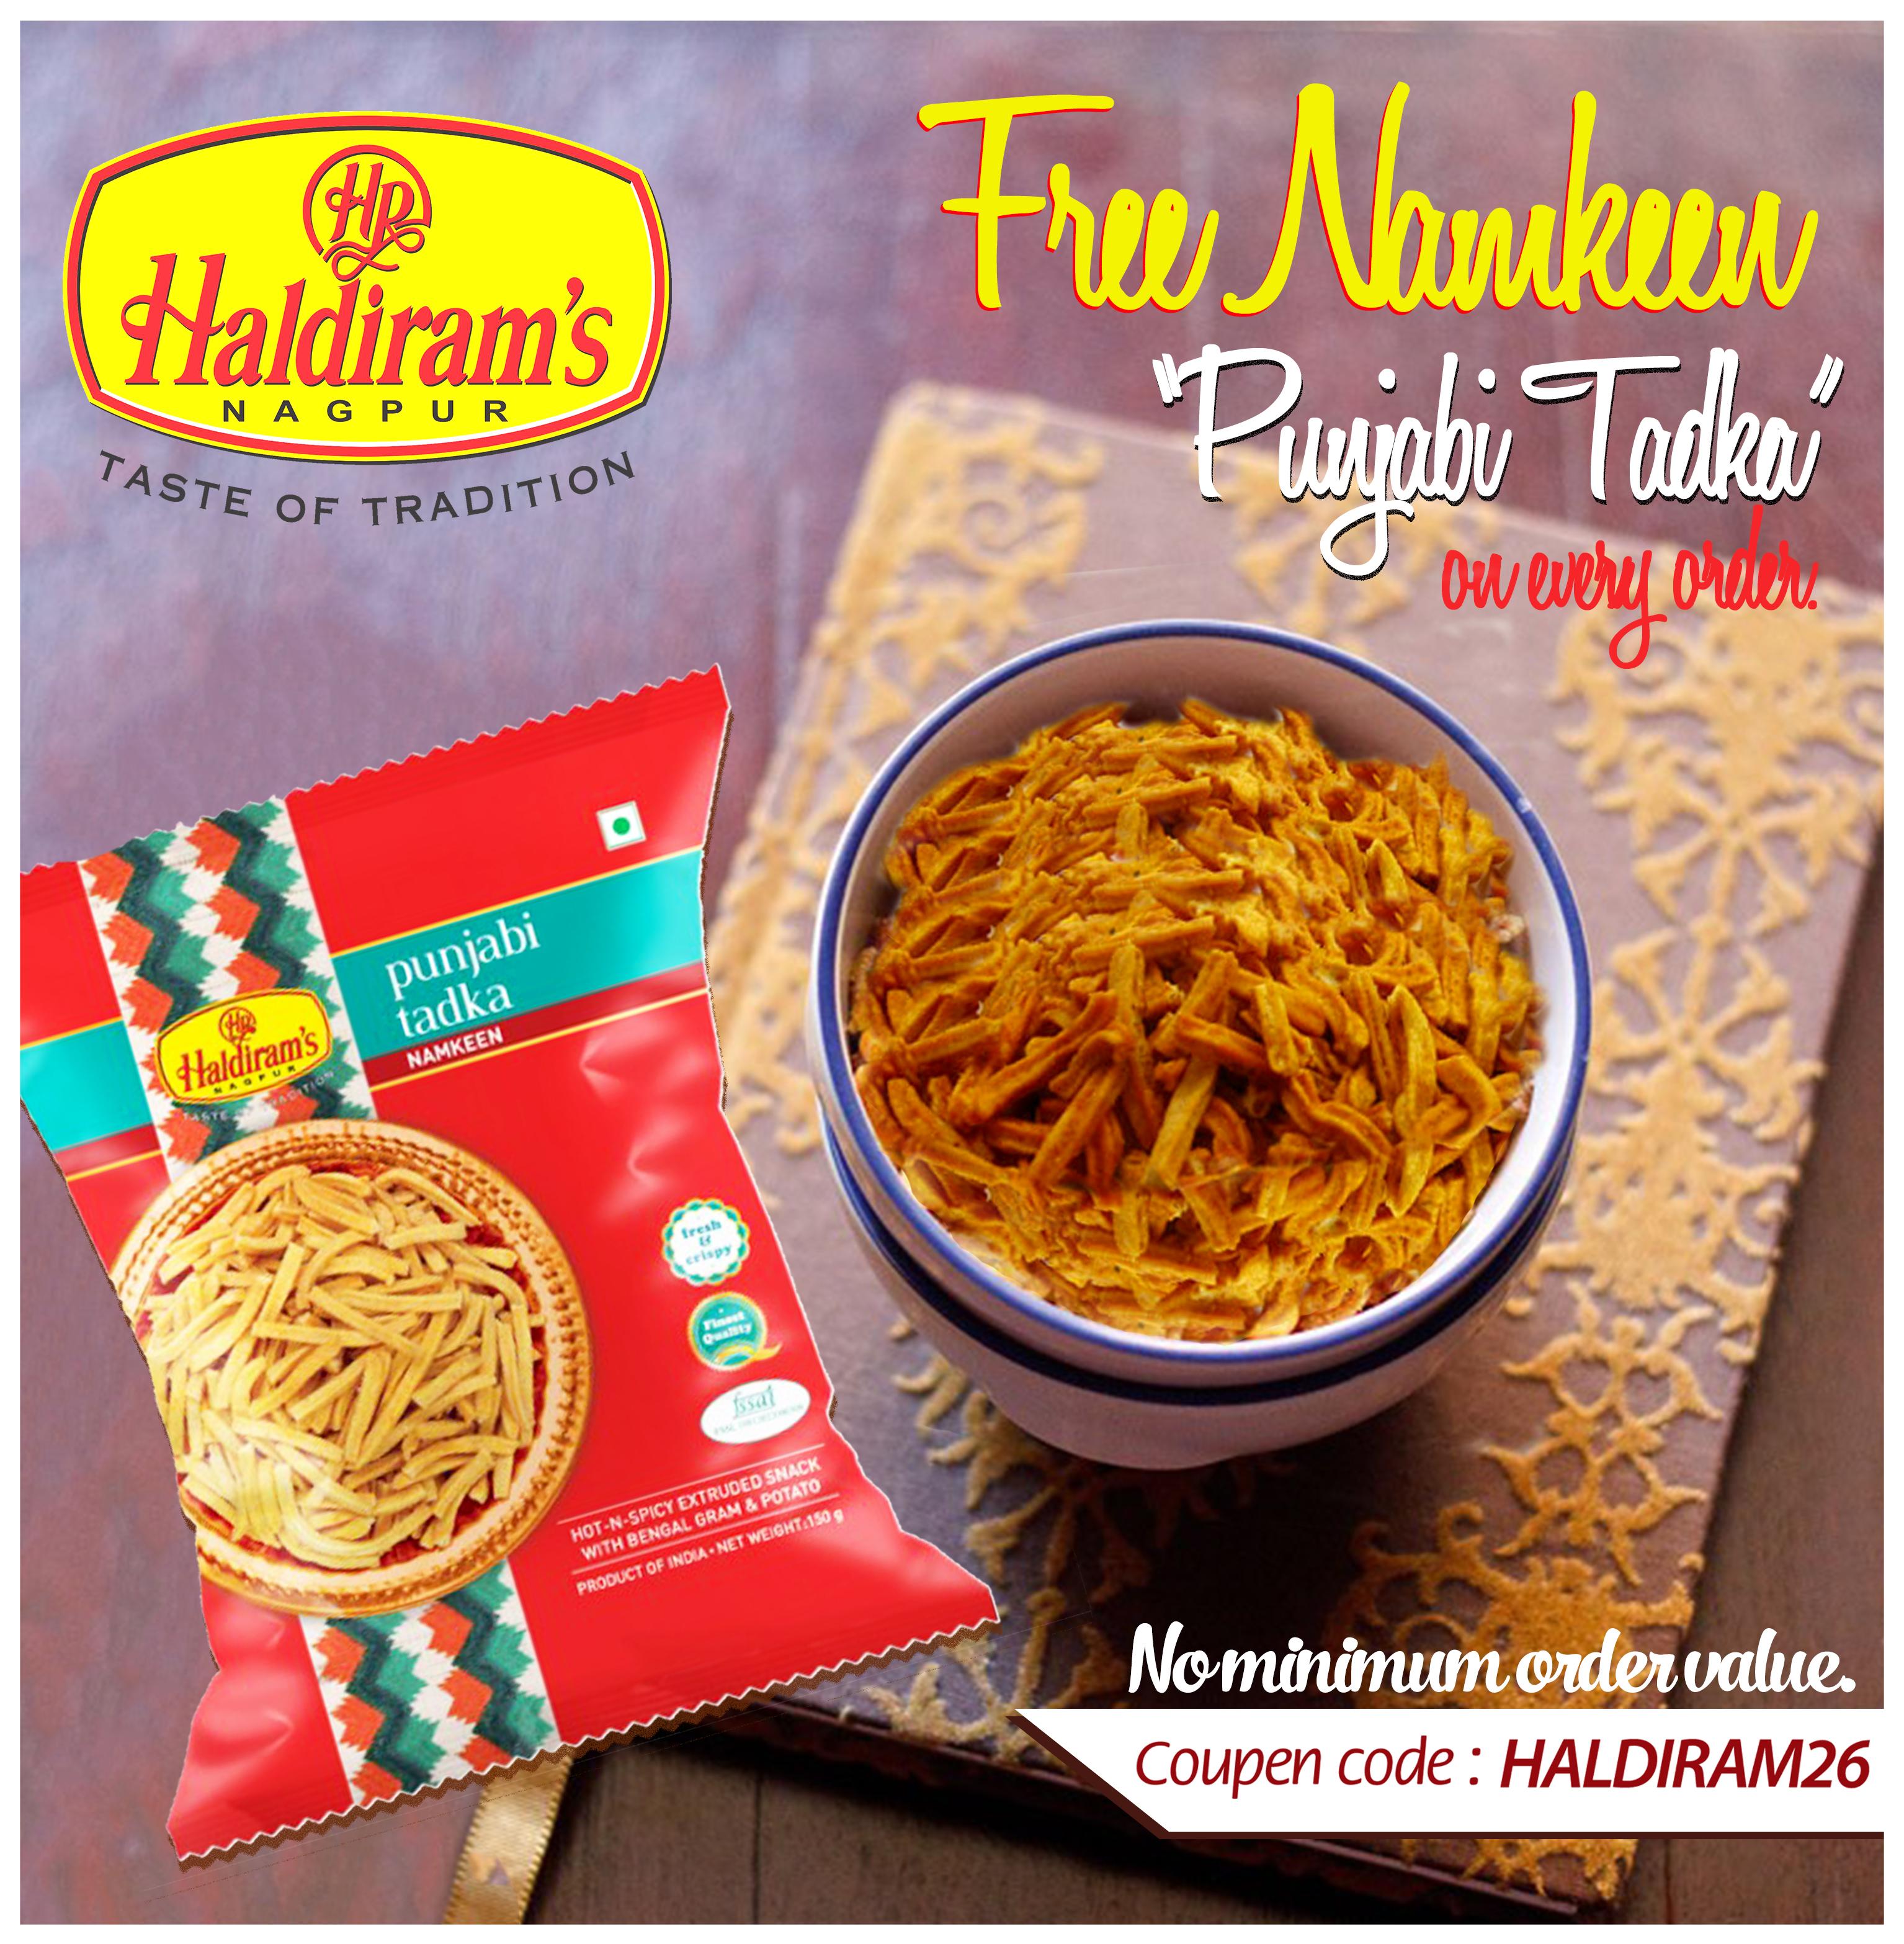 Haldirams,haldirams Nagpur, Haldirams Nagpur Reviews, Haldirams Offer,shopping offer